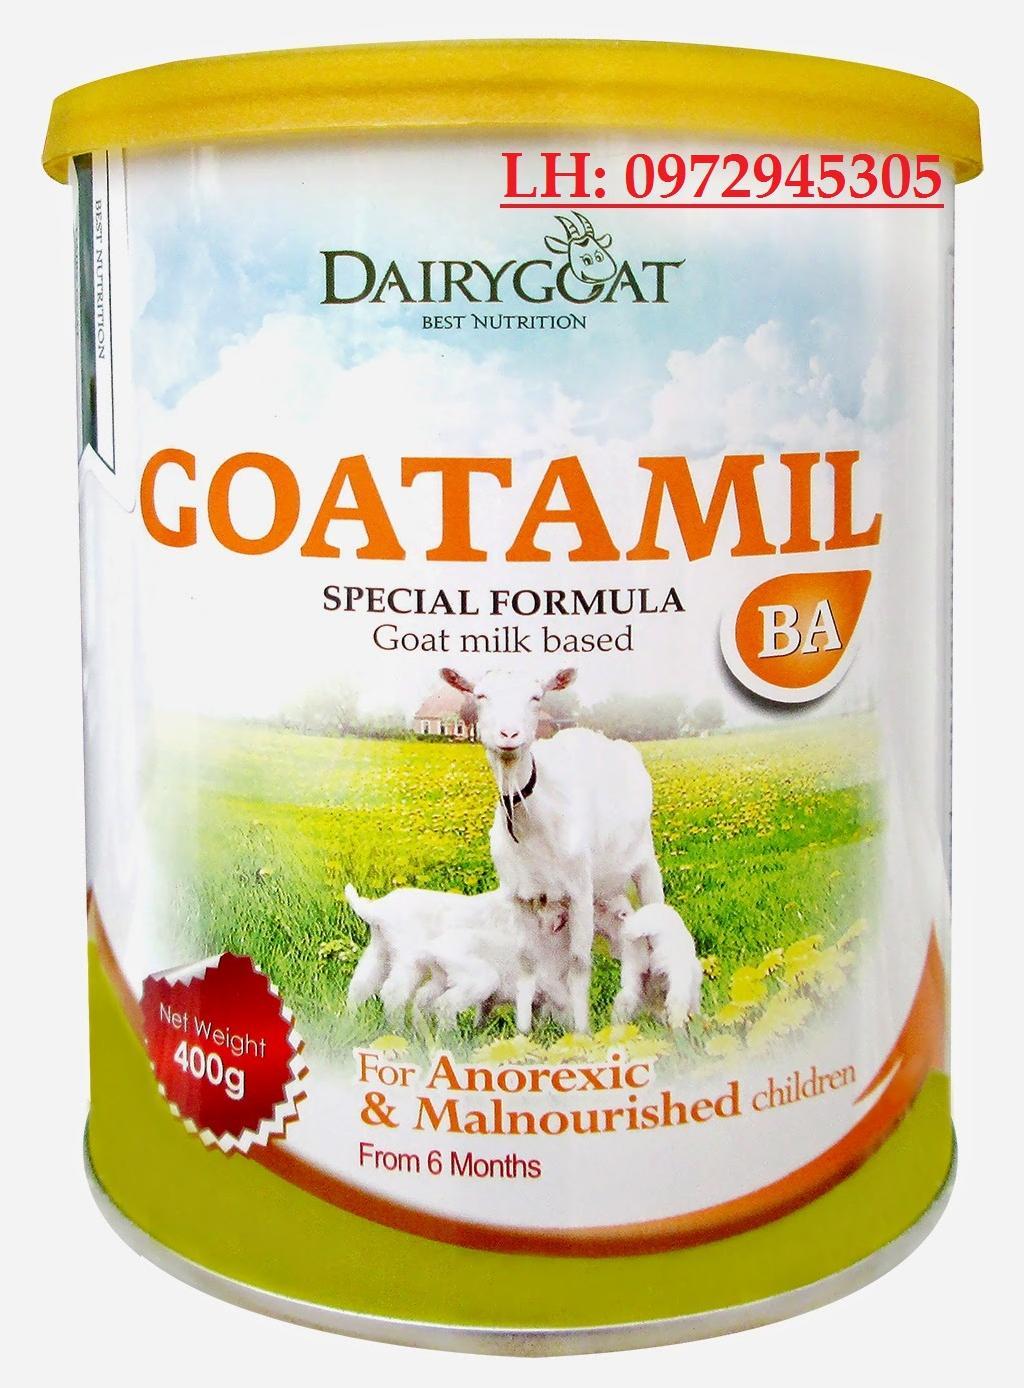 Sữa dê Goatamil BA mua ở đâu, giá bao nhiêu?